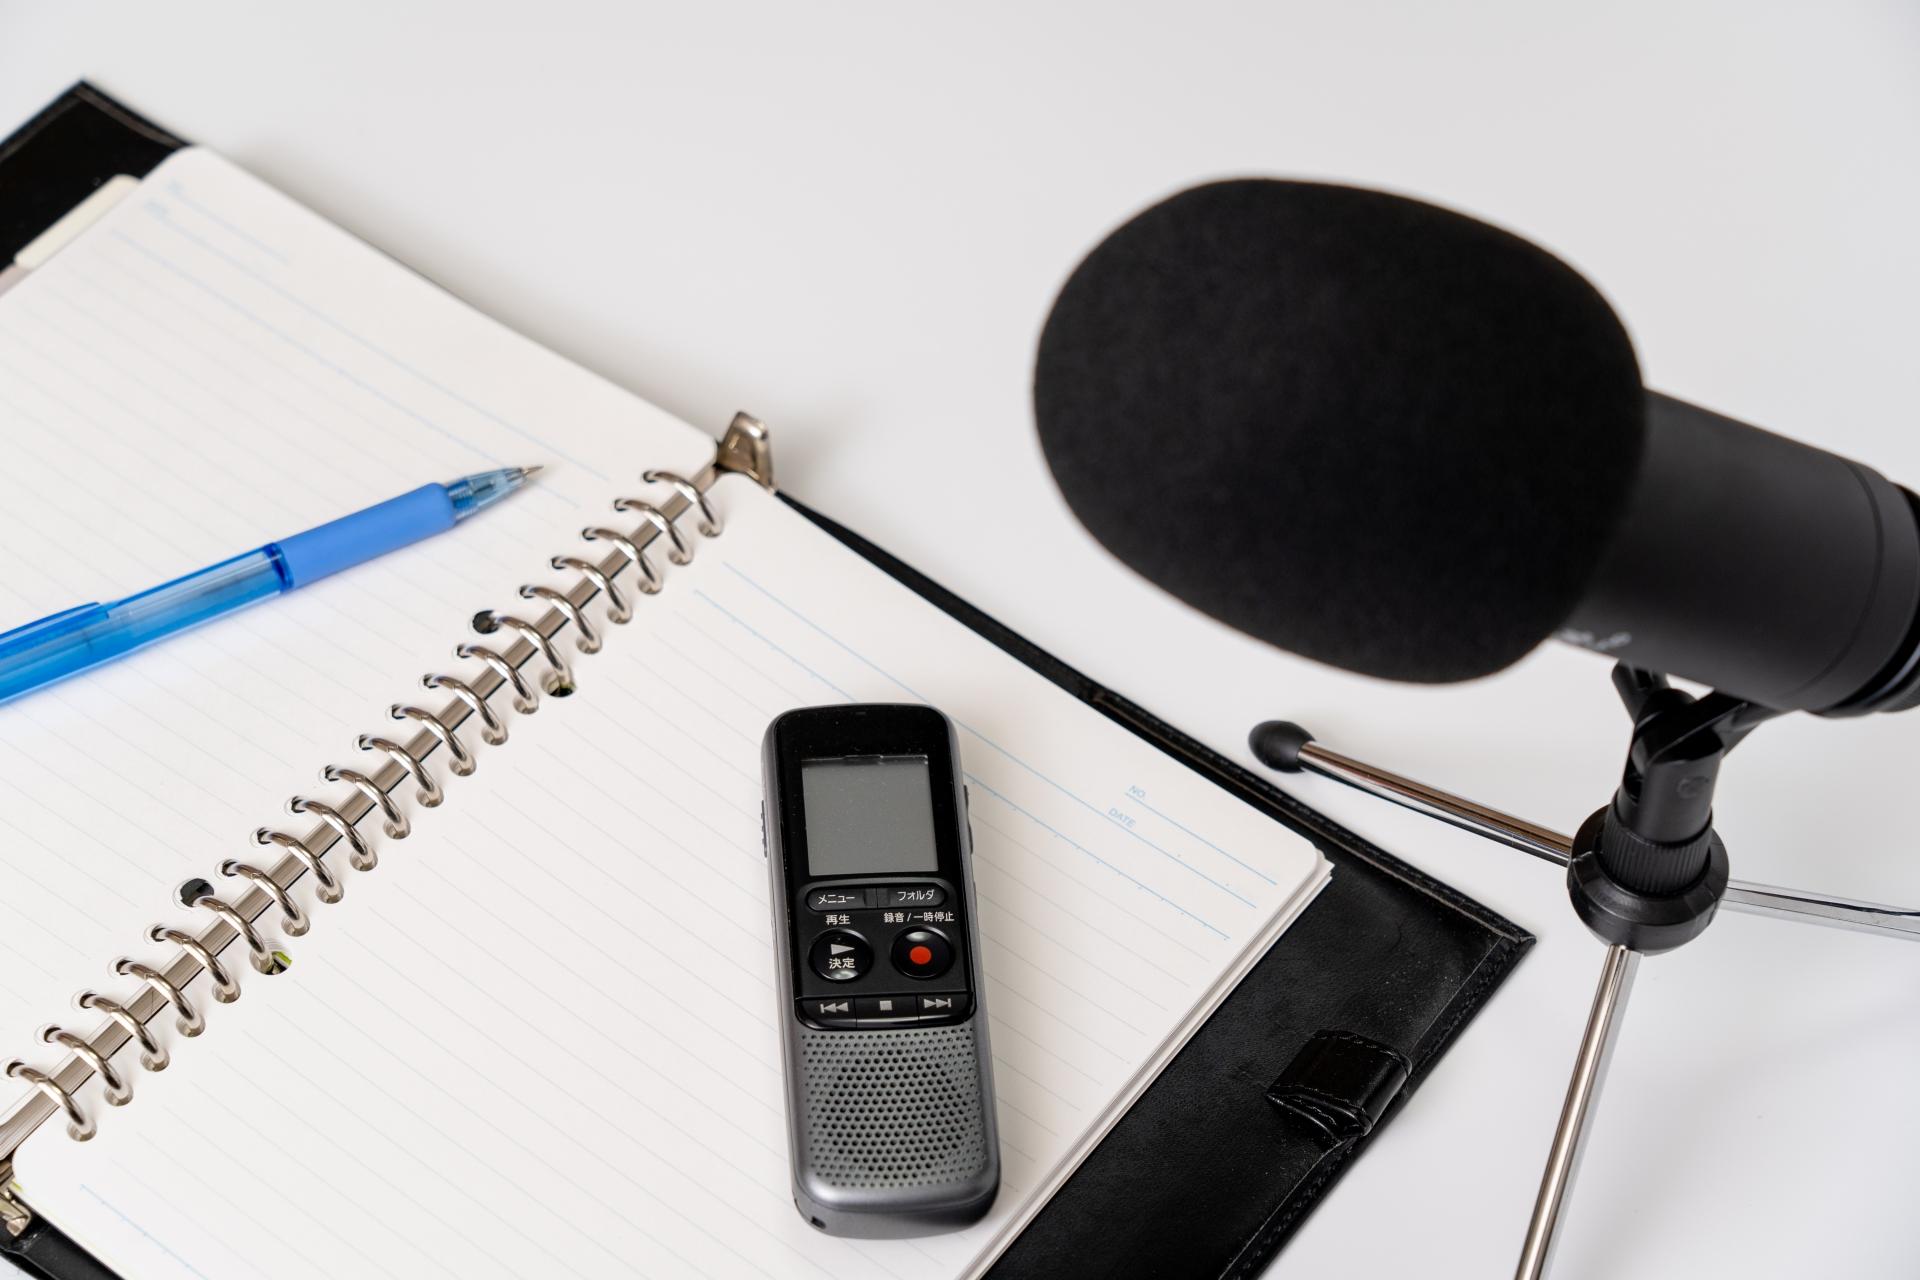 ラジオCMの制作と放送するための基礎知識